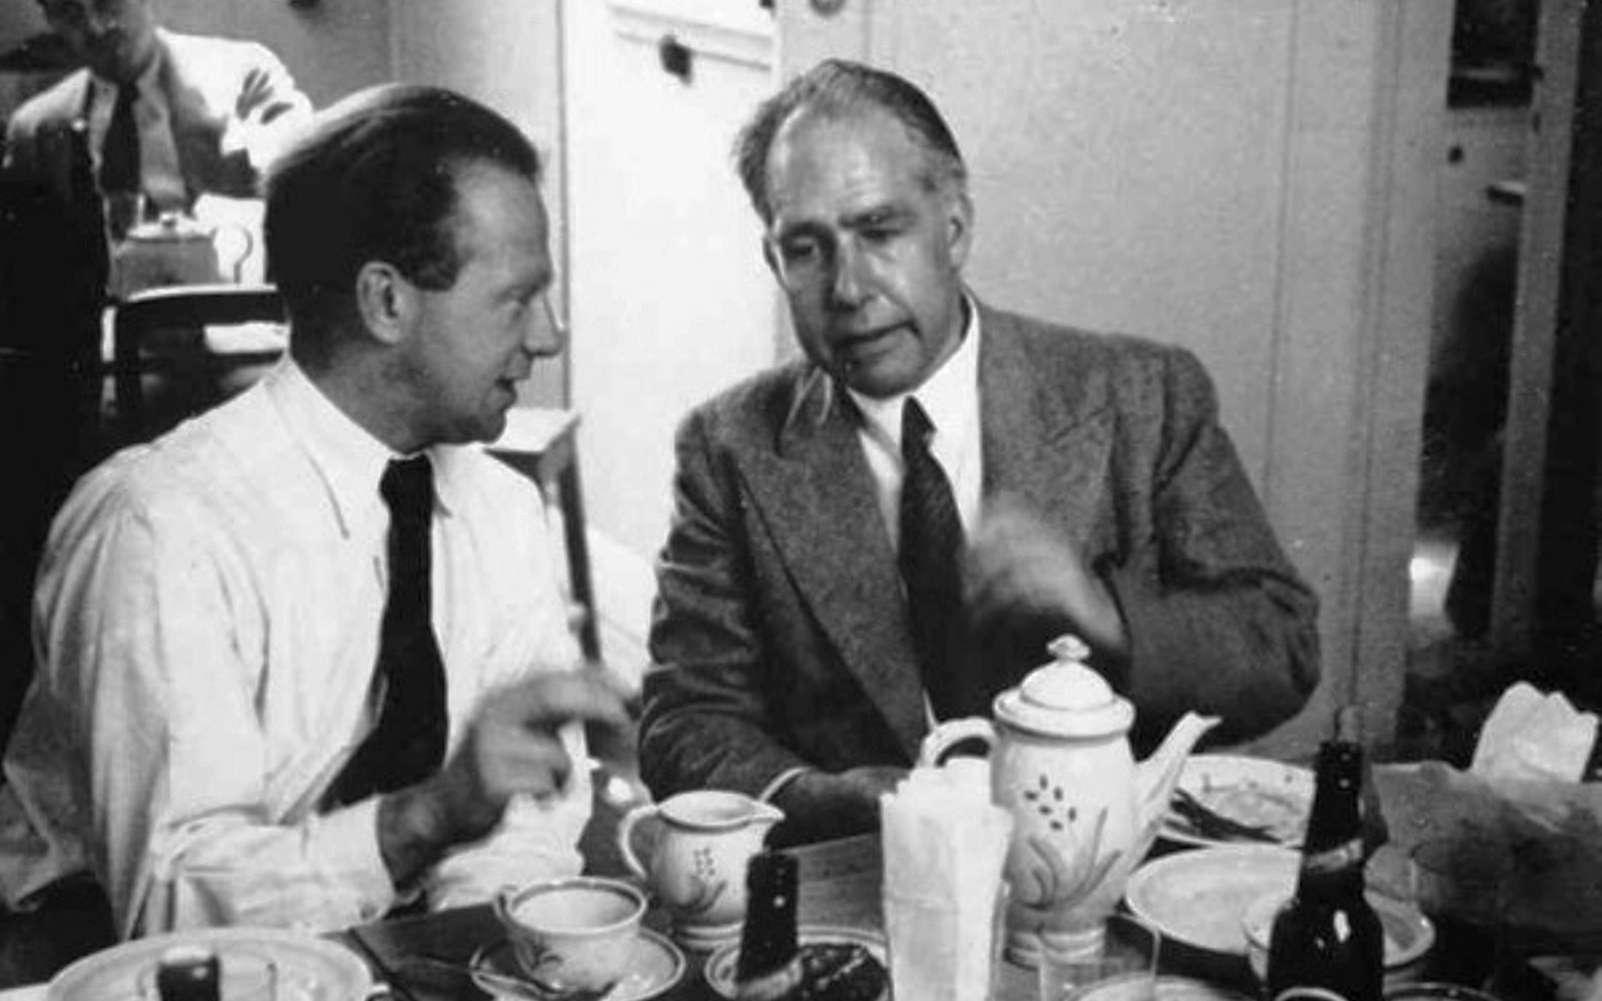 De gauche à droite, Werner Heisenberg et Niels Bohr en 1934. © Fermilab, U.S. Department of Energy